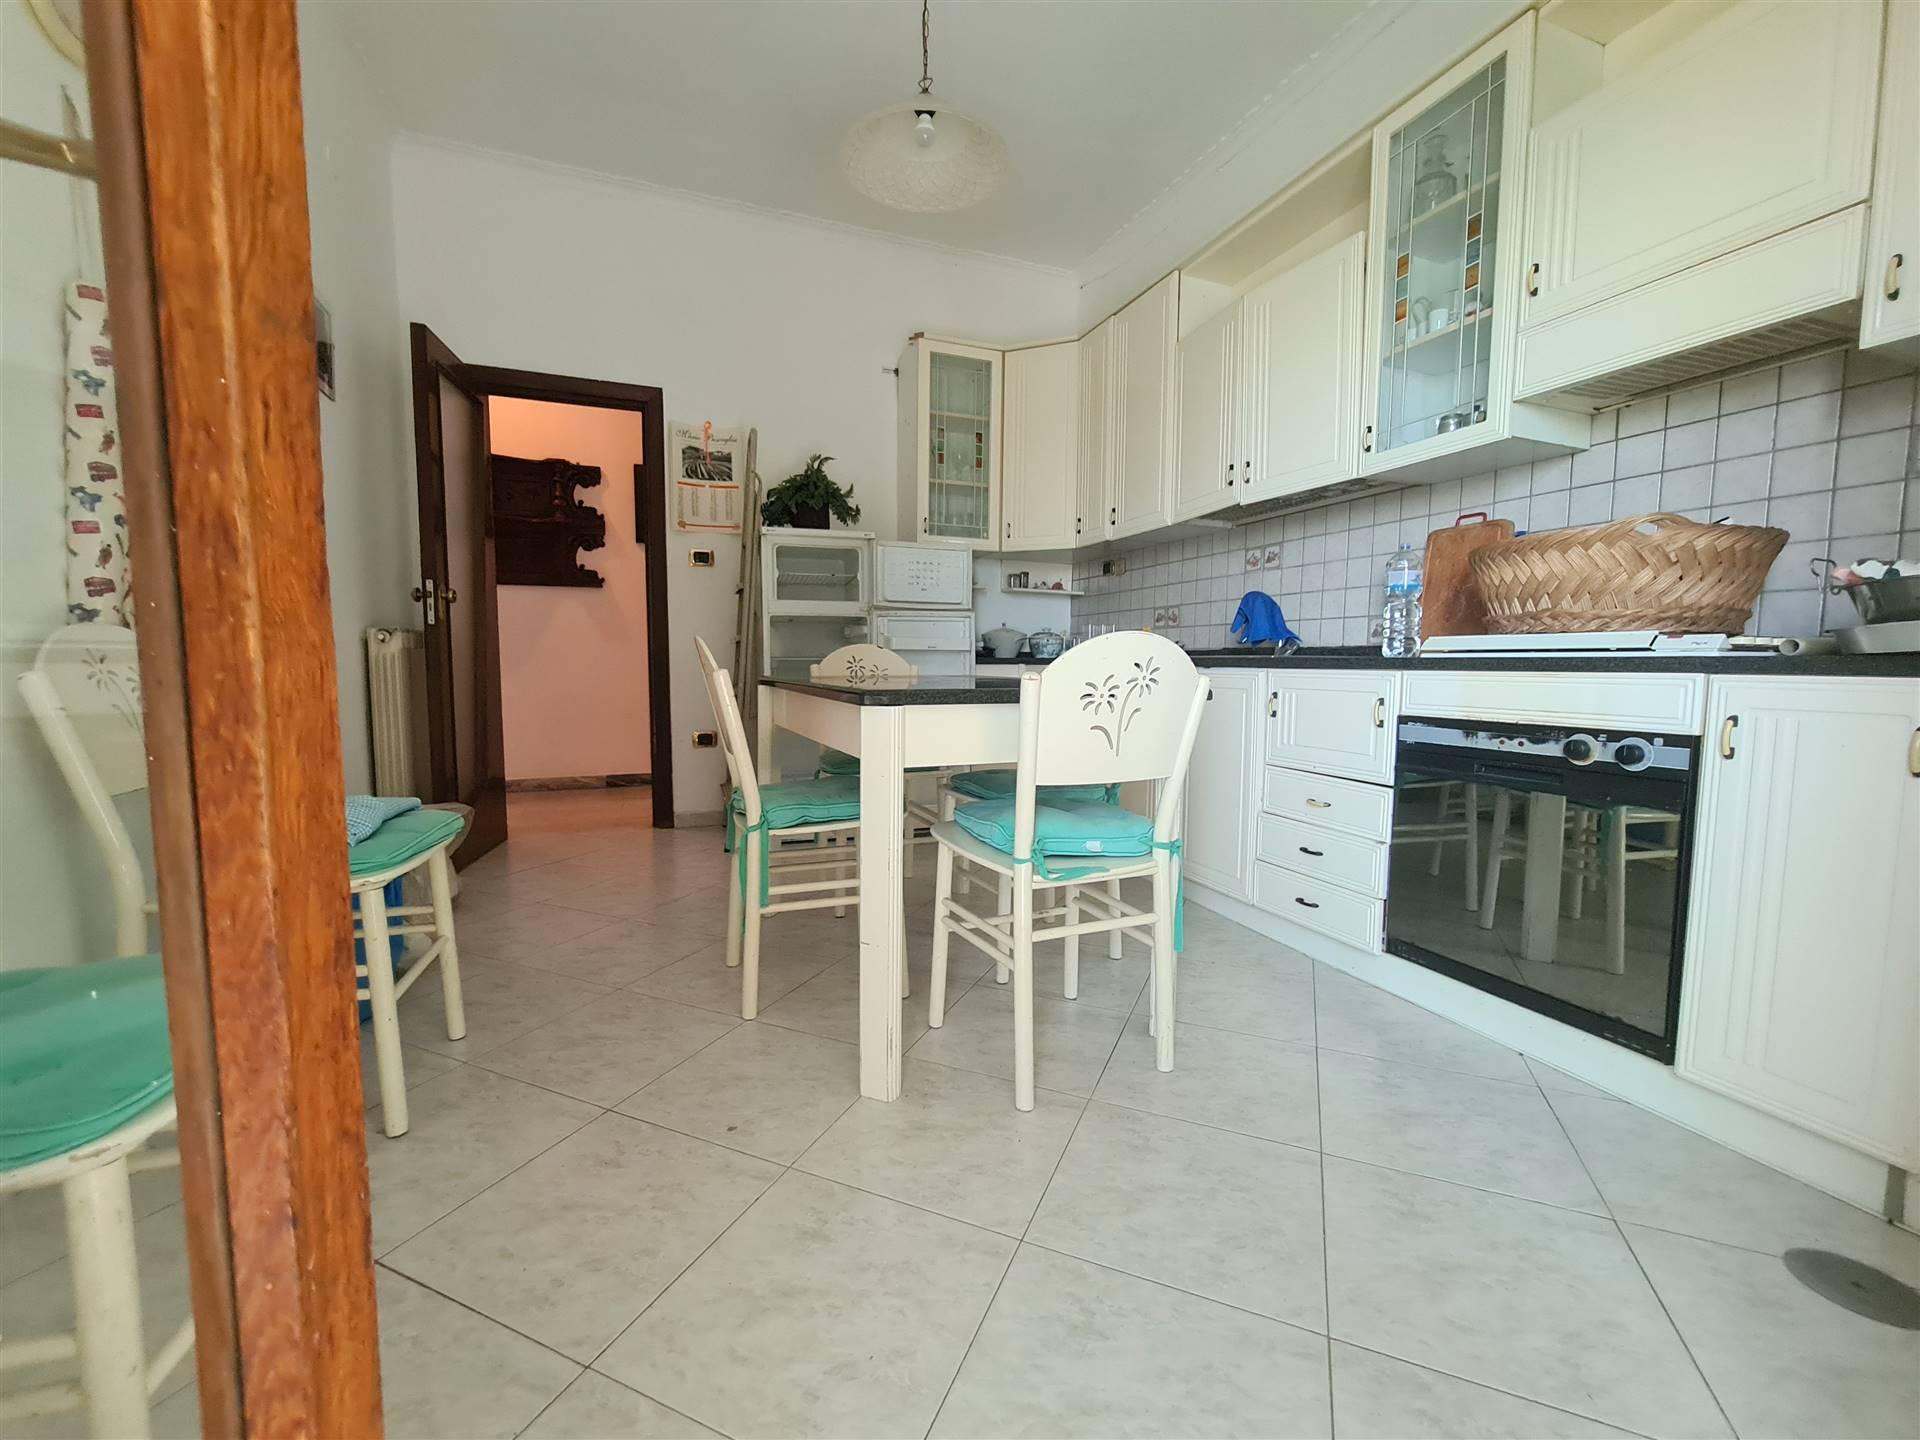 AV981-Appartamento-SANTA-MARIA-CAPUA-VETERE-Via-Mazzocchi